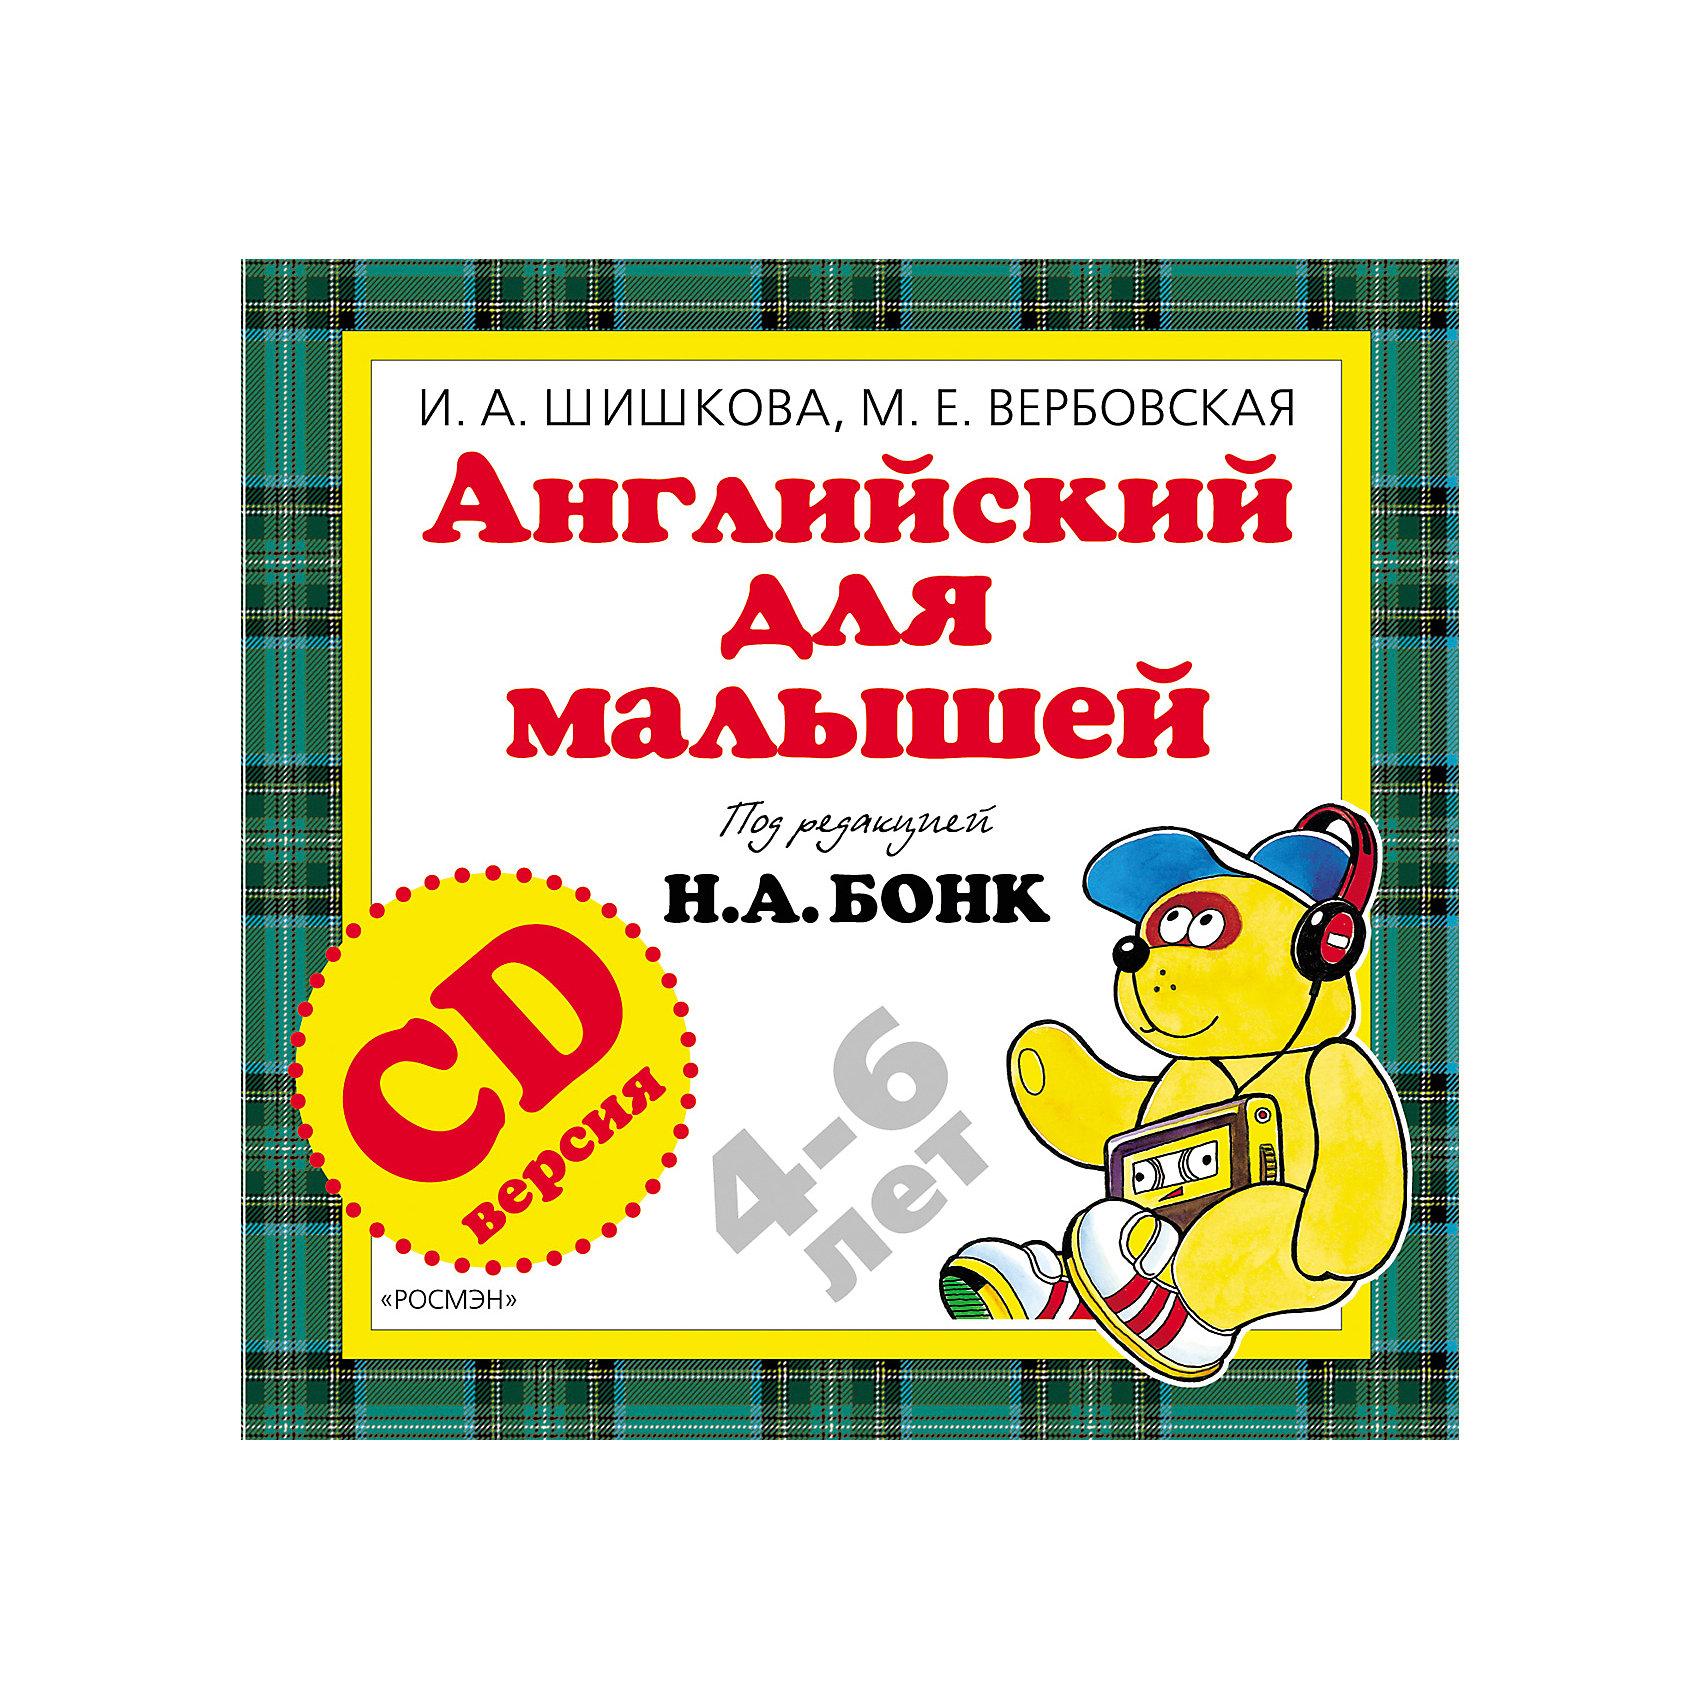 Росмэн Компакт-диск (CD-аудио) Аглийский для малышей cd диск guano apes offline 1 cd